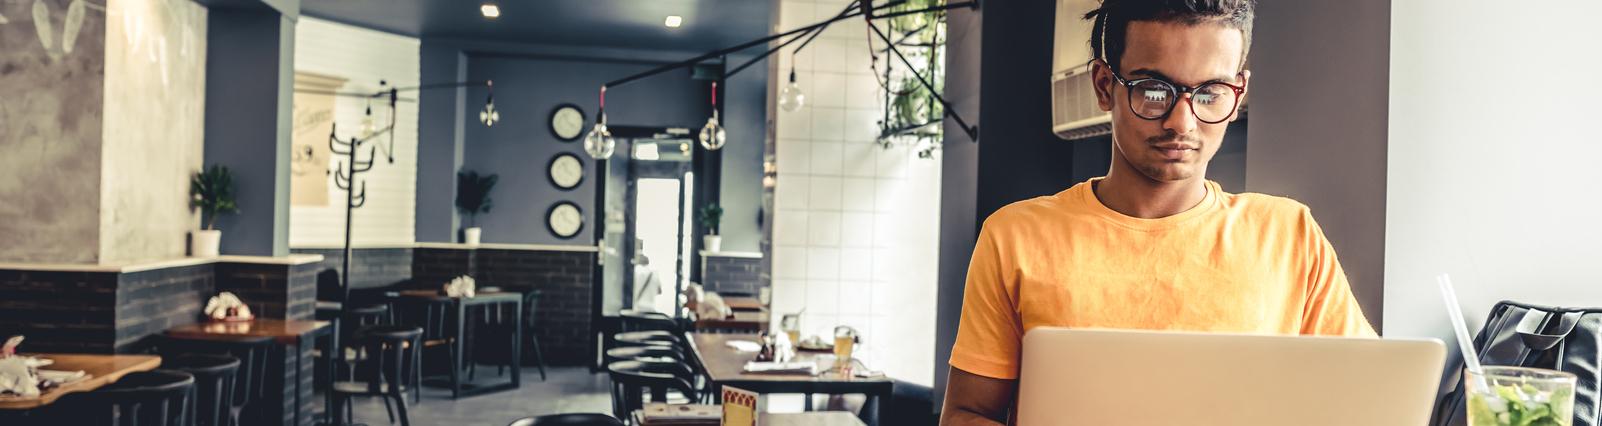 Trabalho autônomo: o que você precisa para ter sucesso